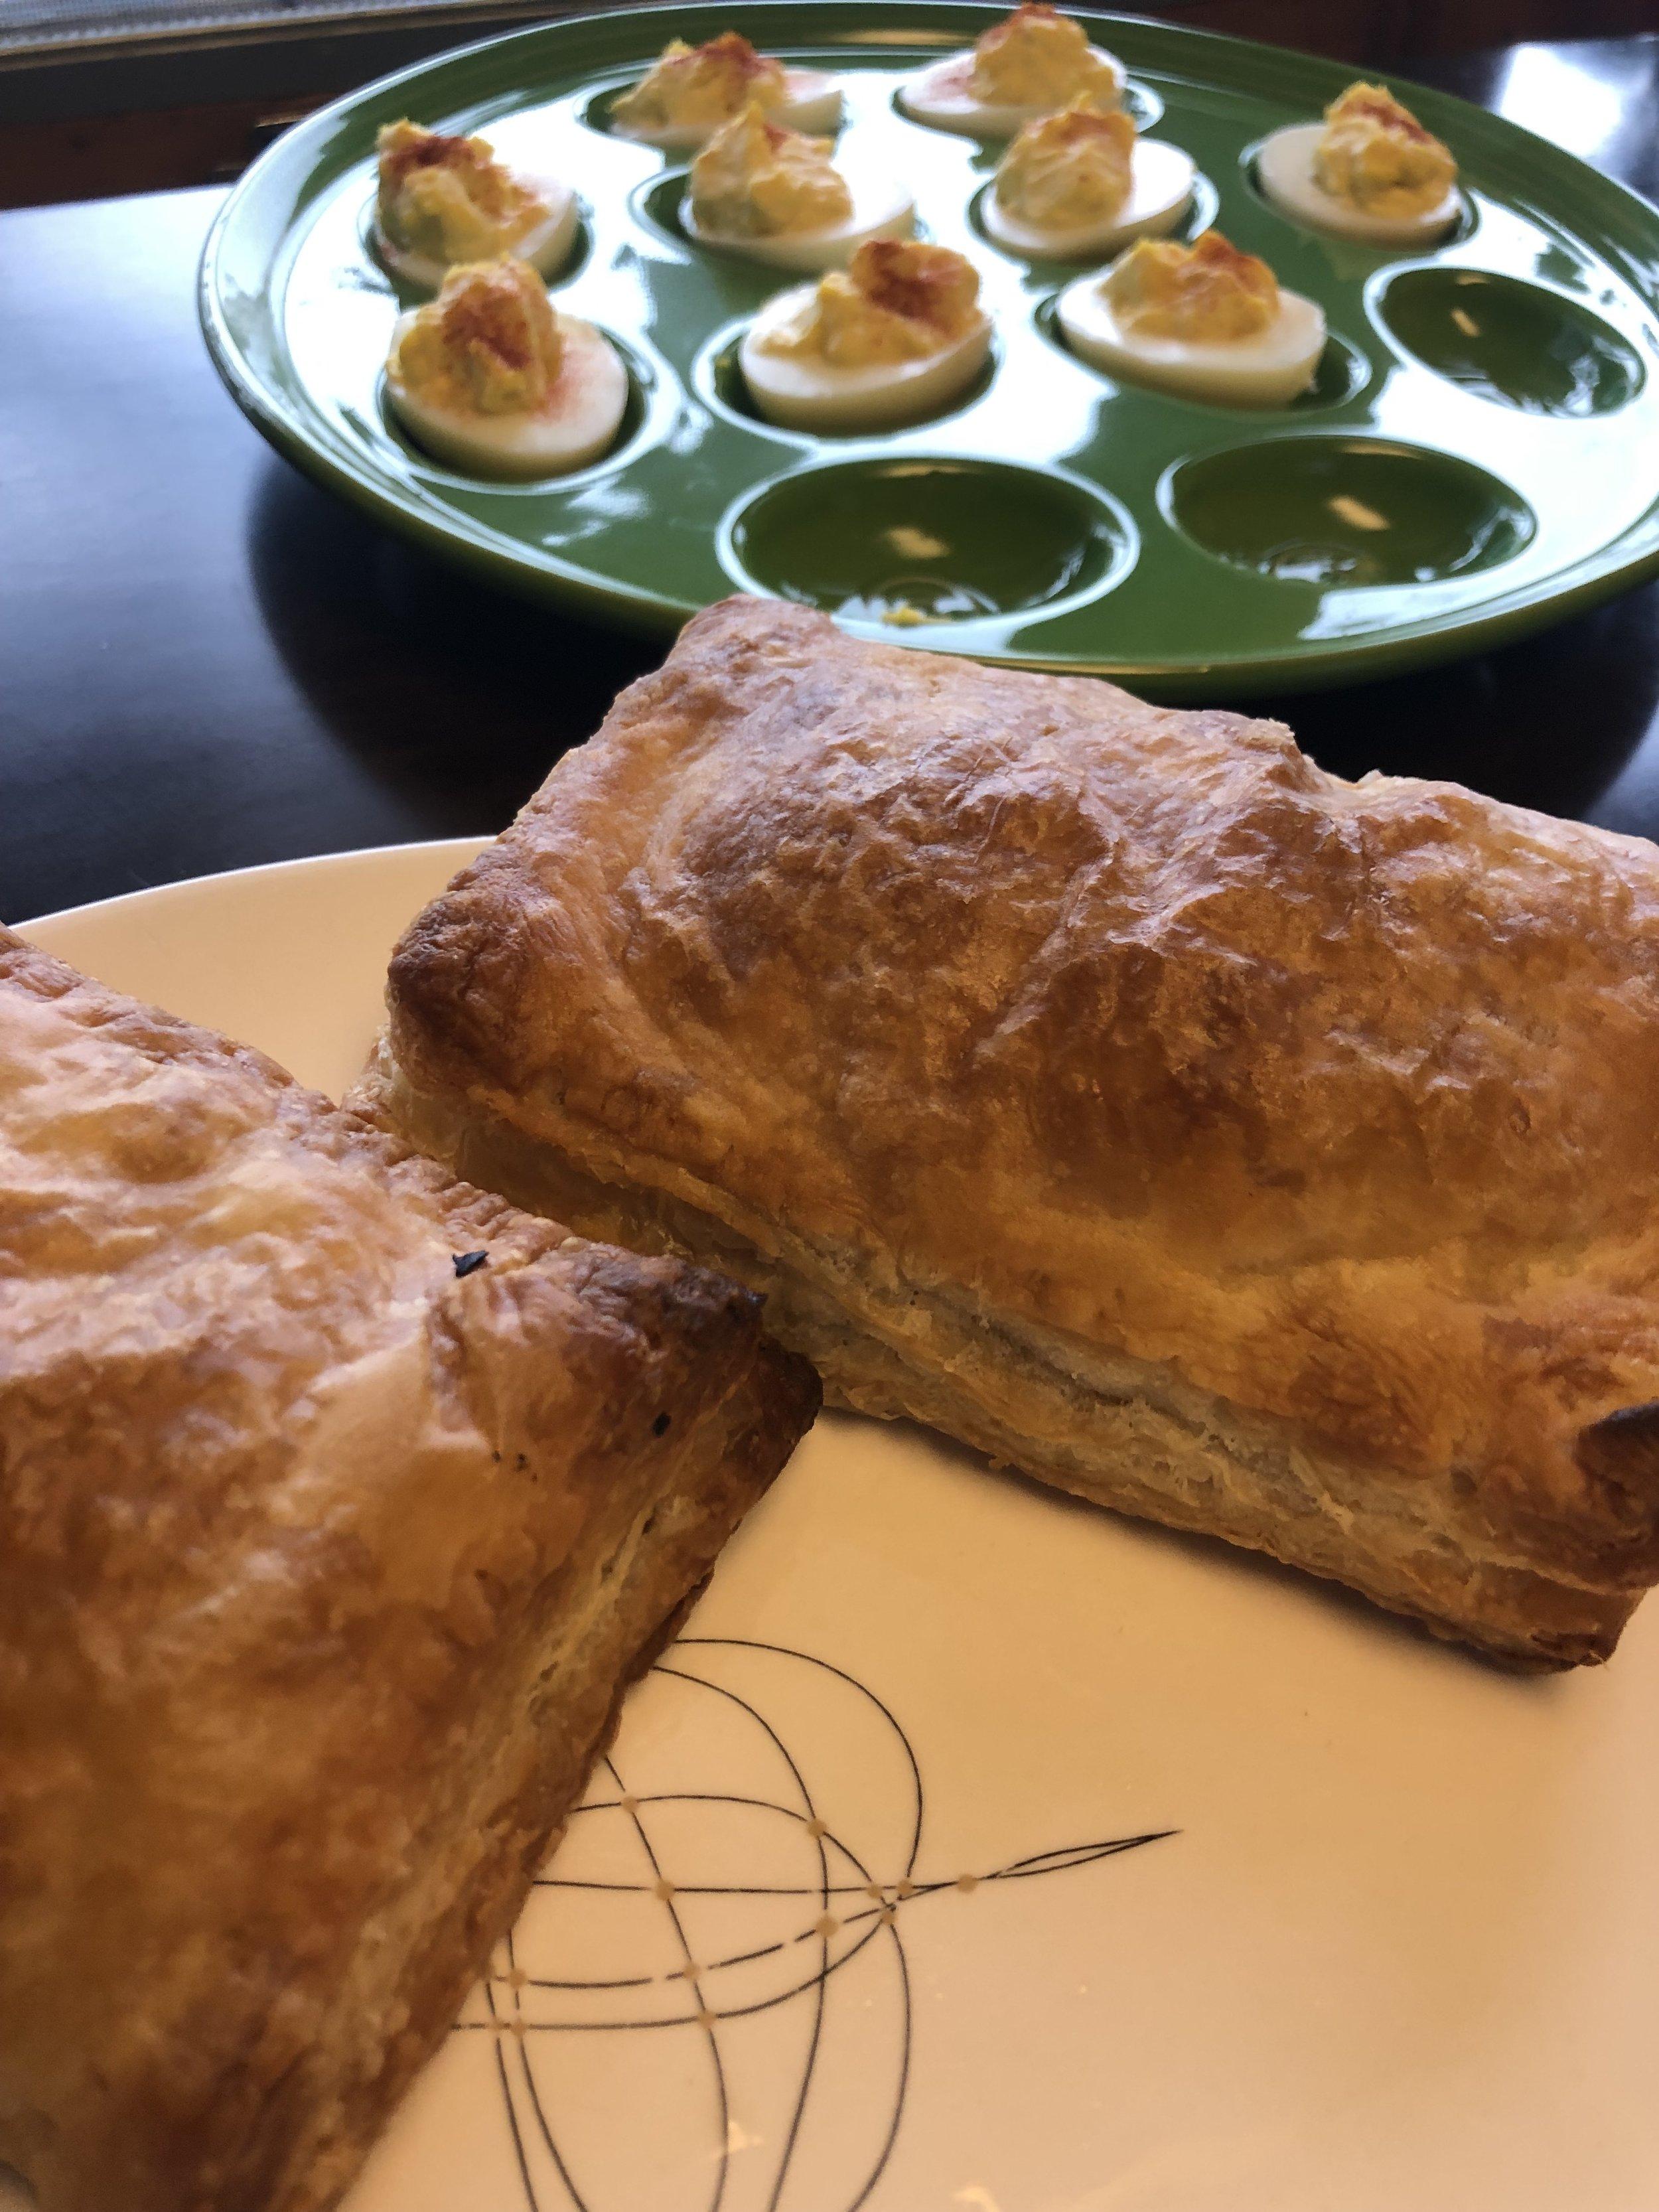 kdelap_thanksgivingfood